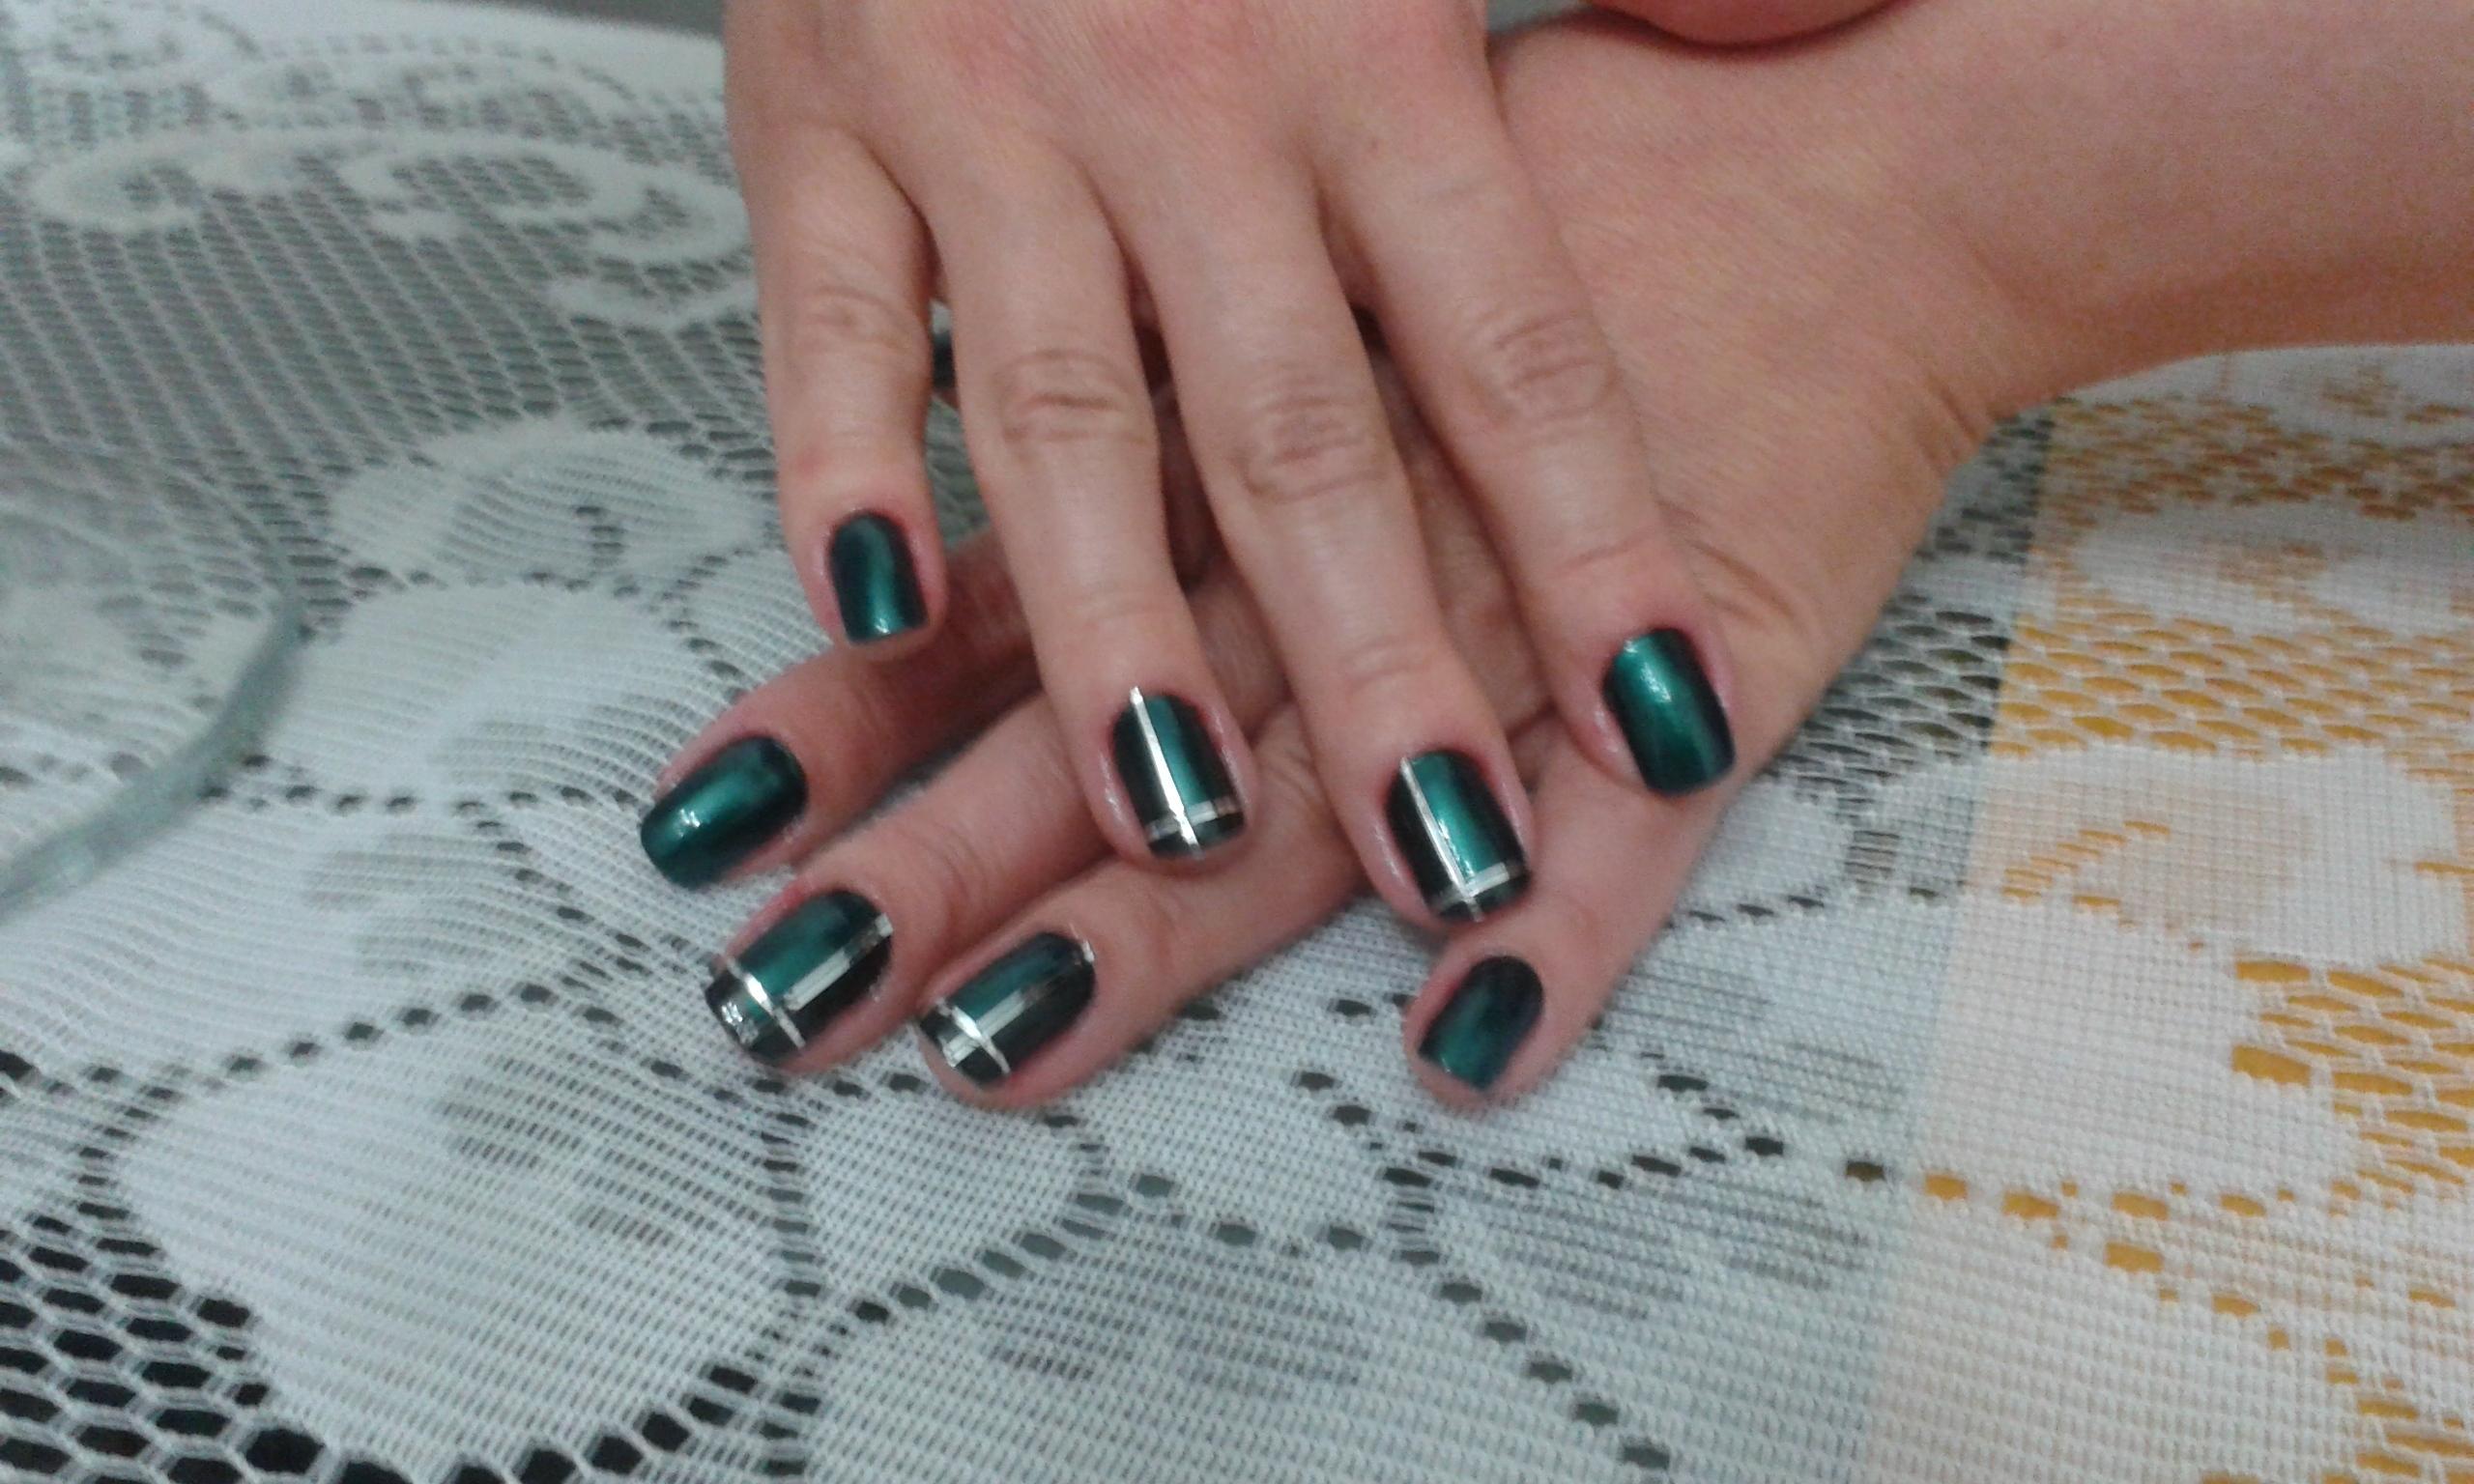 verde unhas  manicure e pedicure manicure e pedicure cabeleireiro(a) auxiliar cabeleireiro(a)